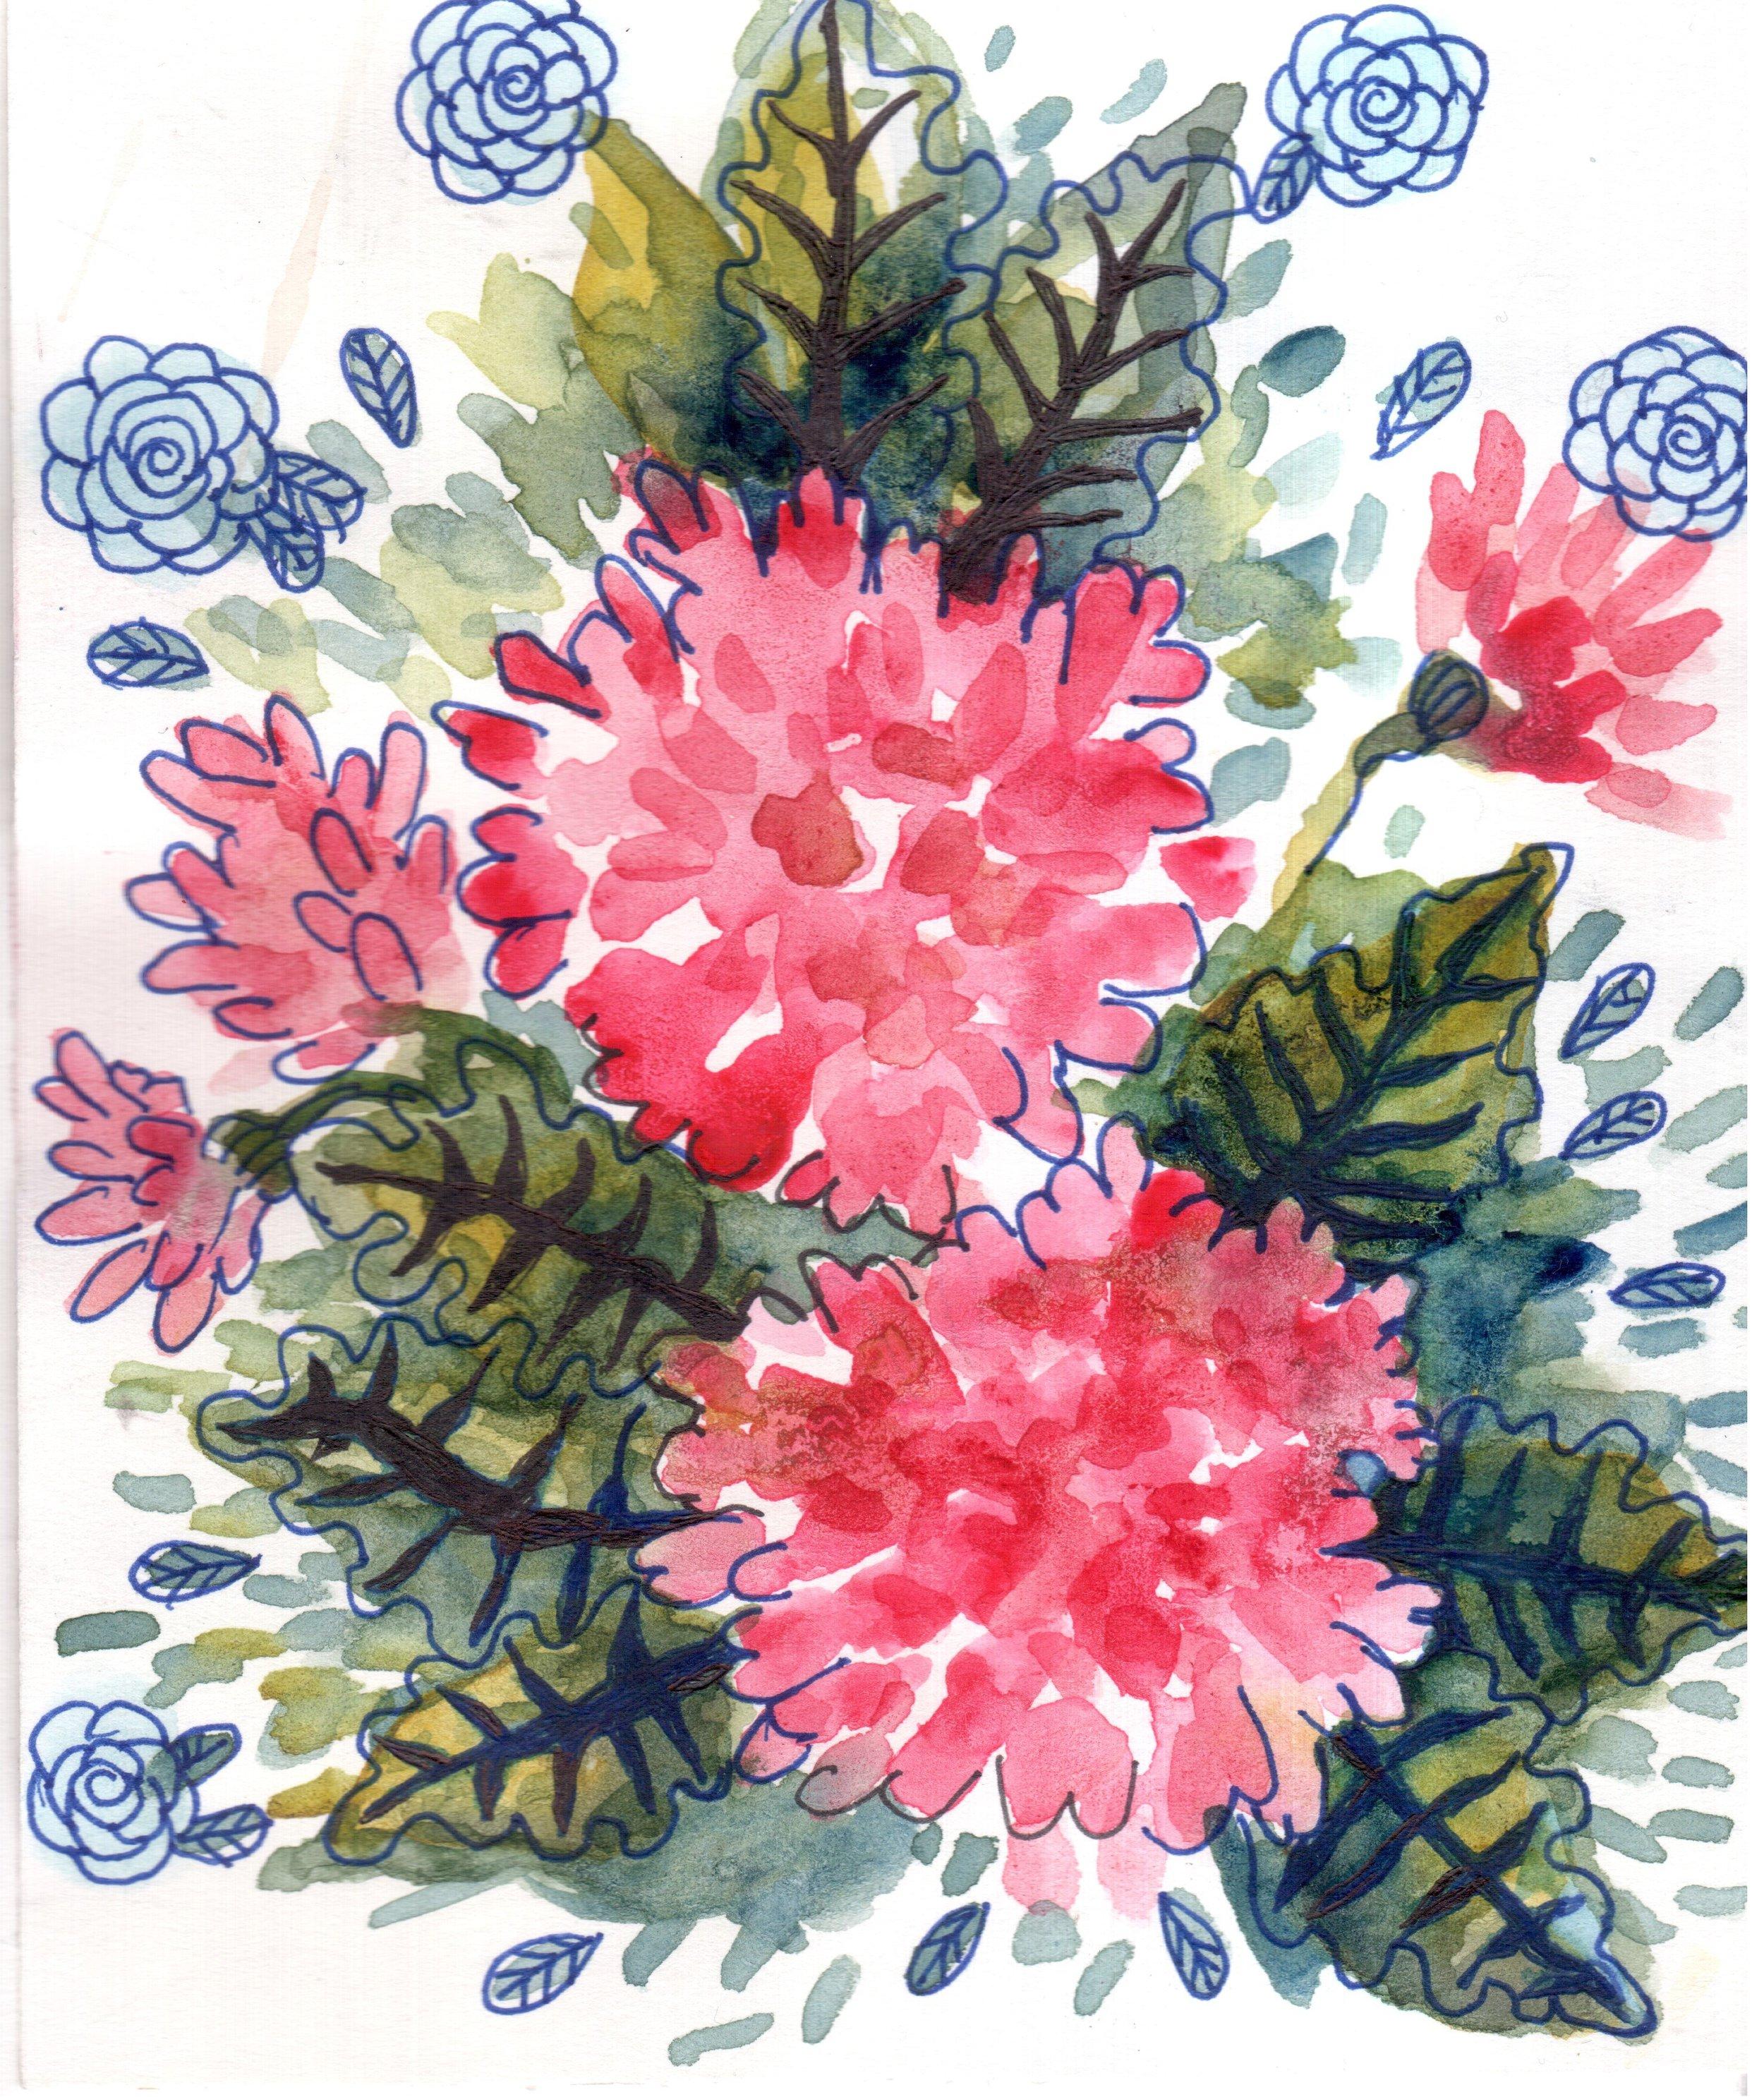 floral final.jpeg